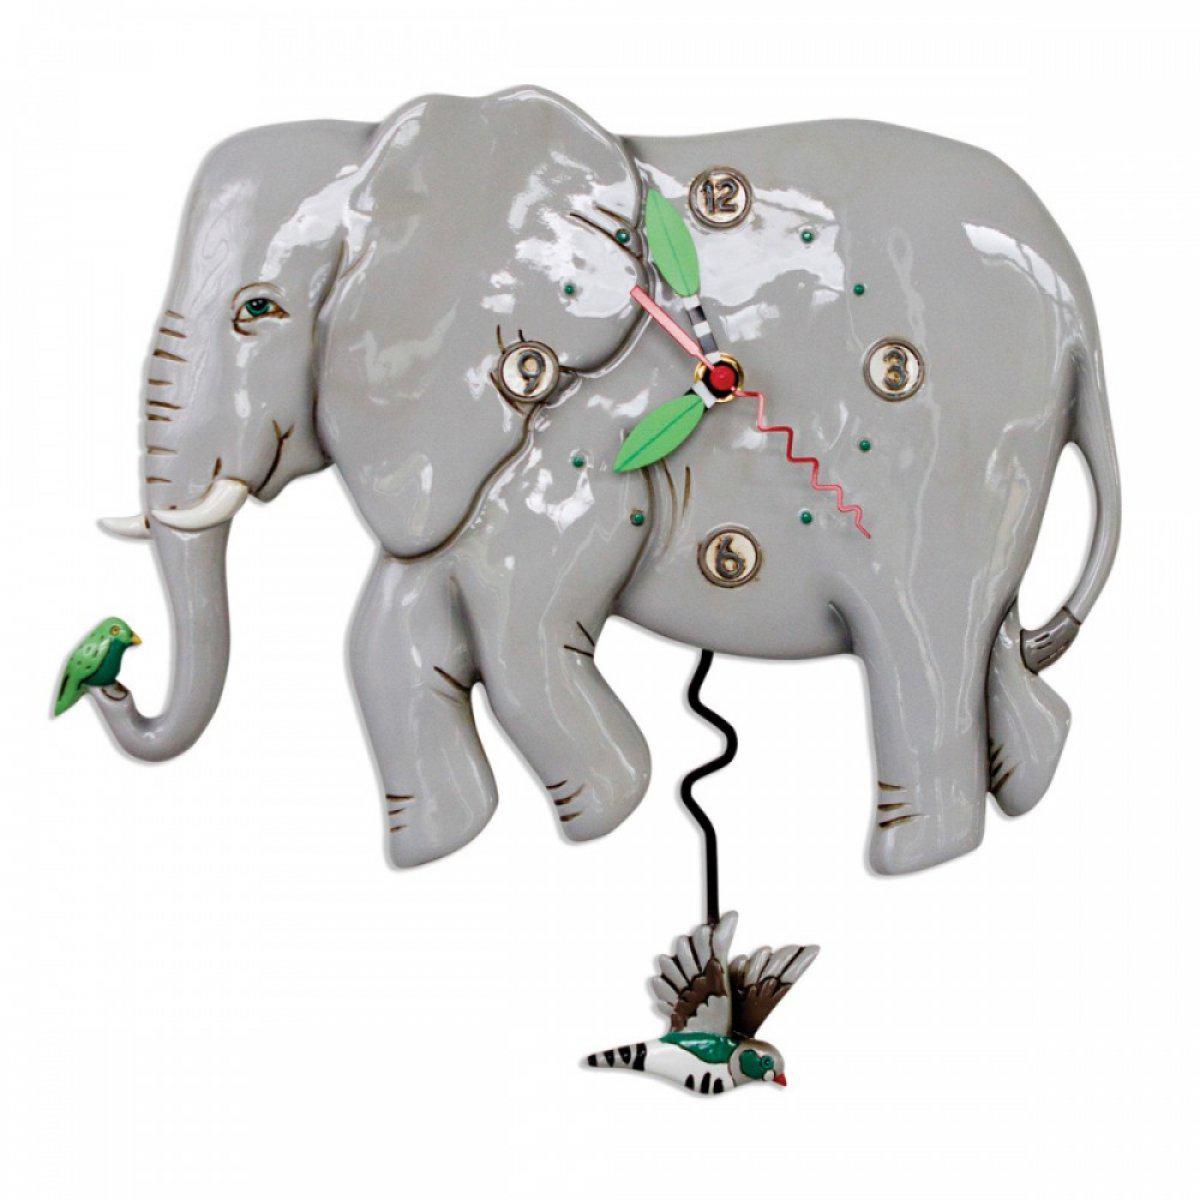 Horloge Murale \'Allen Designs\' gris (éléphant) - 36x20 cm - [A1980]